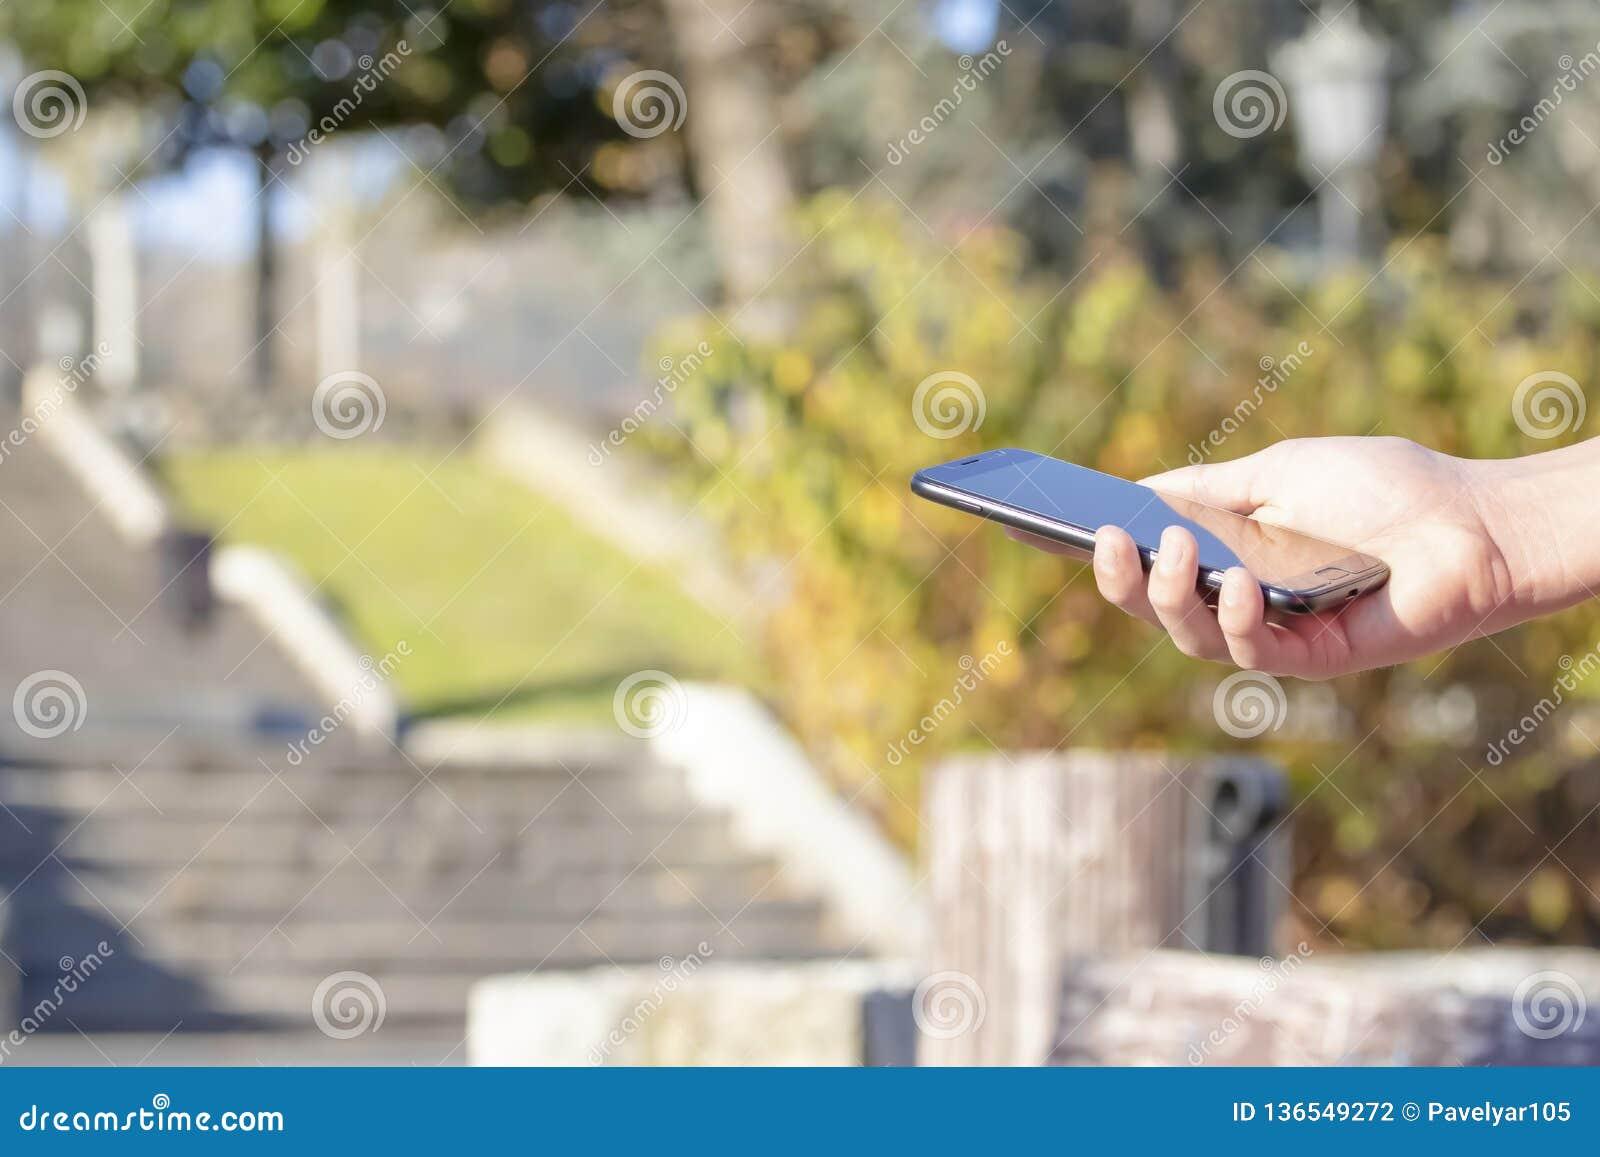 Smartphone nero a disposizione nel parco all aperto, acceso dal sole